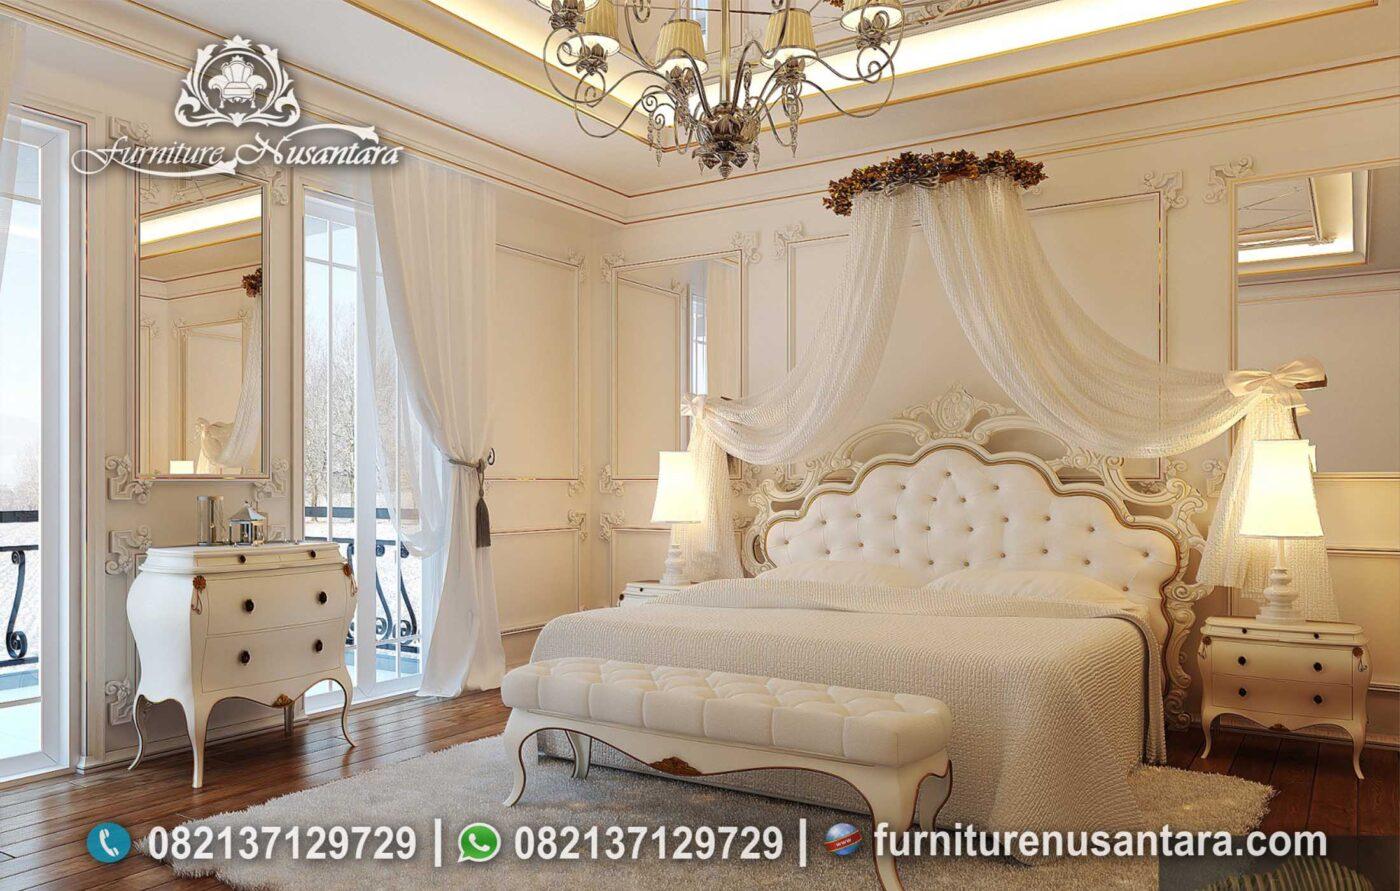 Desain Kamar Cewek Yang Cantik Dan Nyaman KS-251, Furniture Nusantara